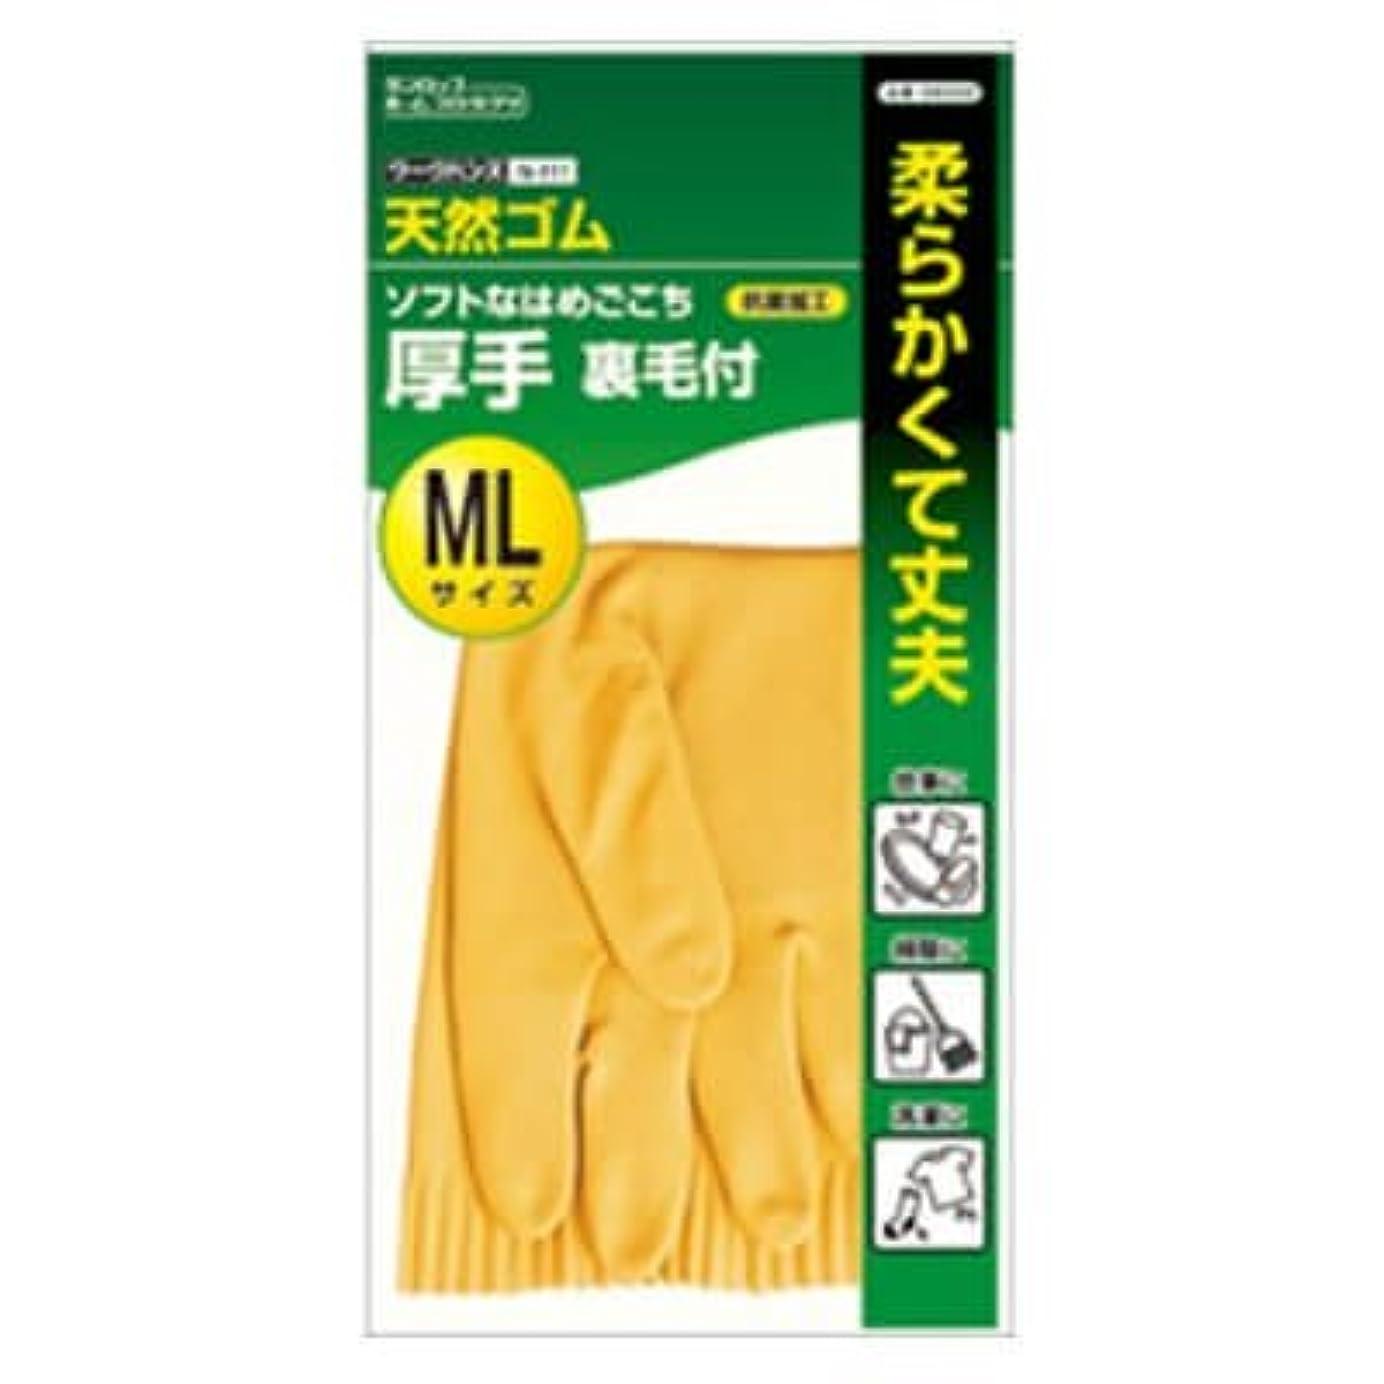 目立つシティチャンス【ケース販売】 ダンロップ ワークハンズ N-111 天然ゴム厚手 ML オレンジ (10双×12袋)